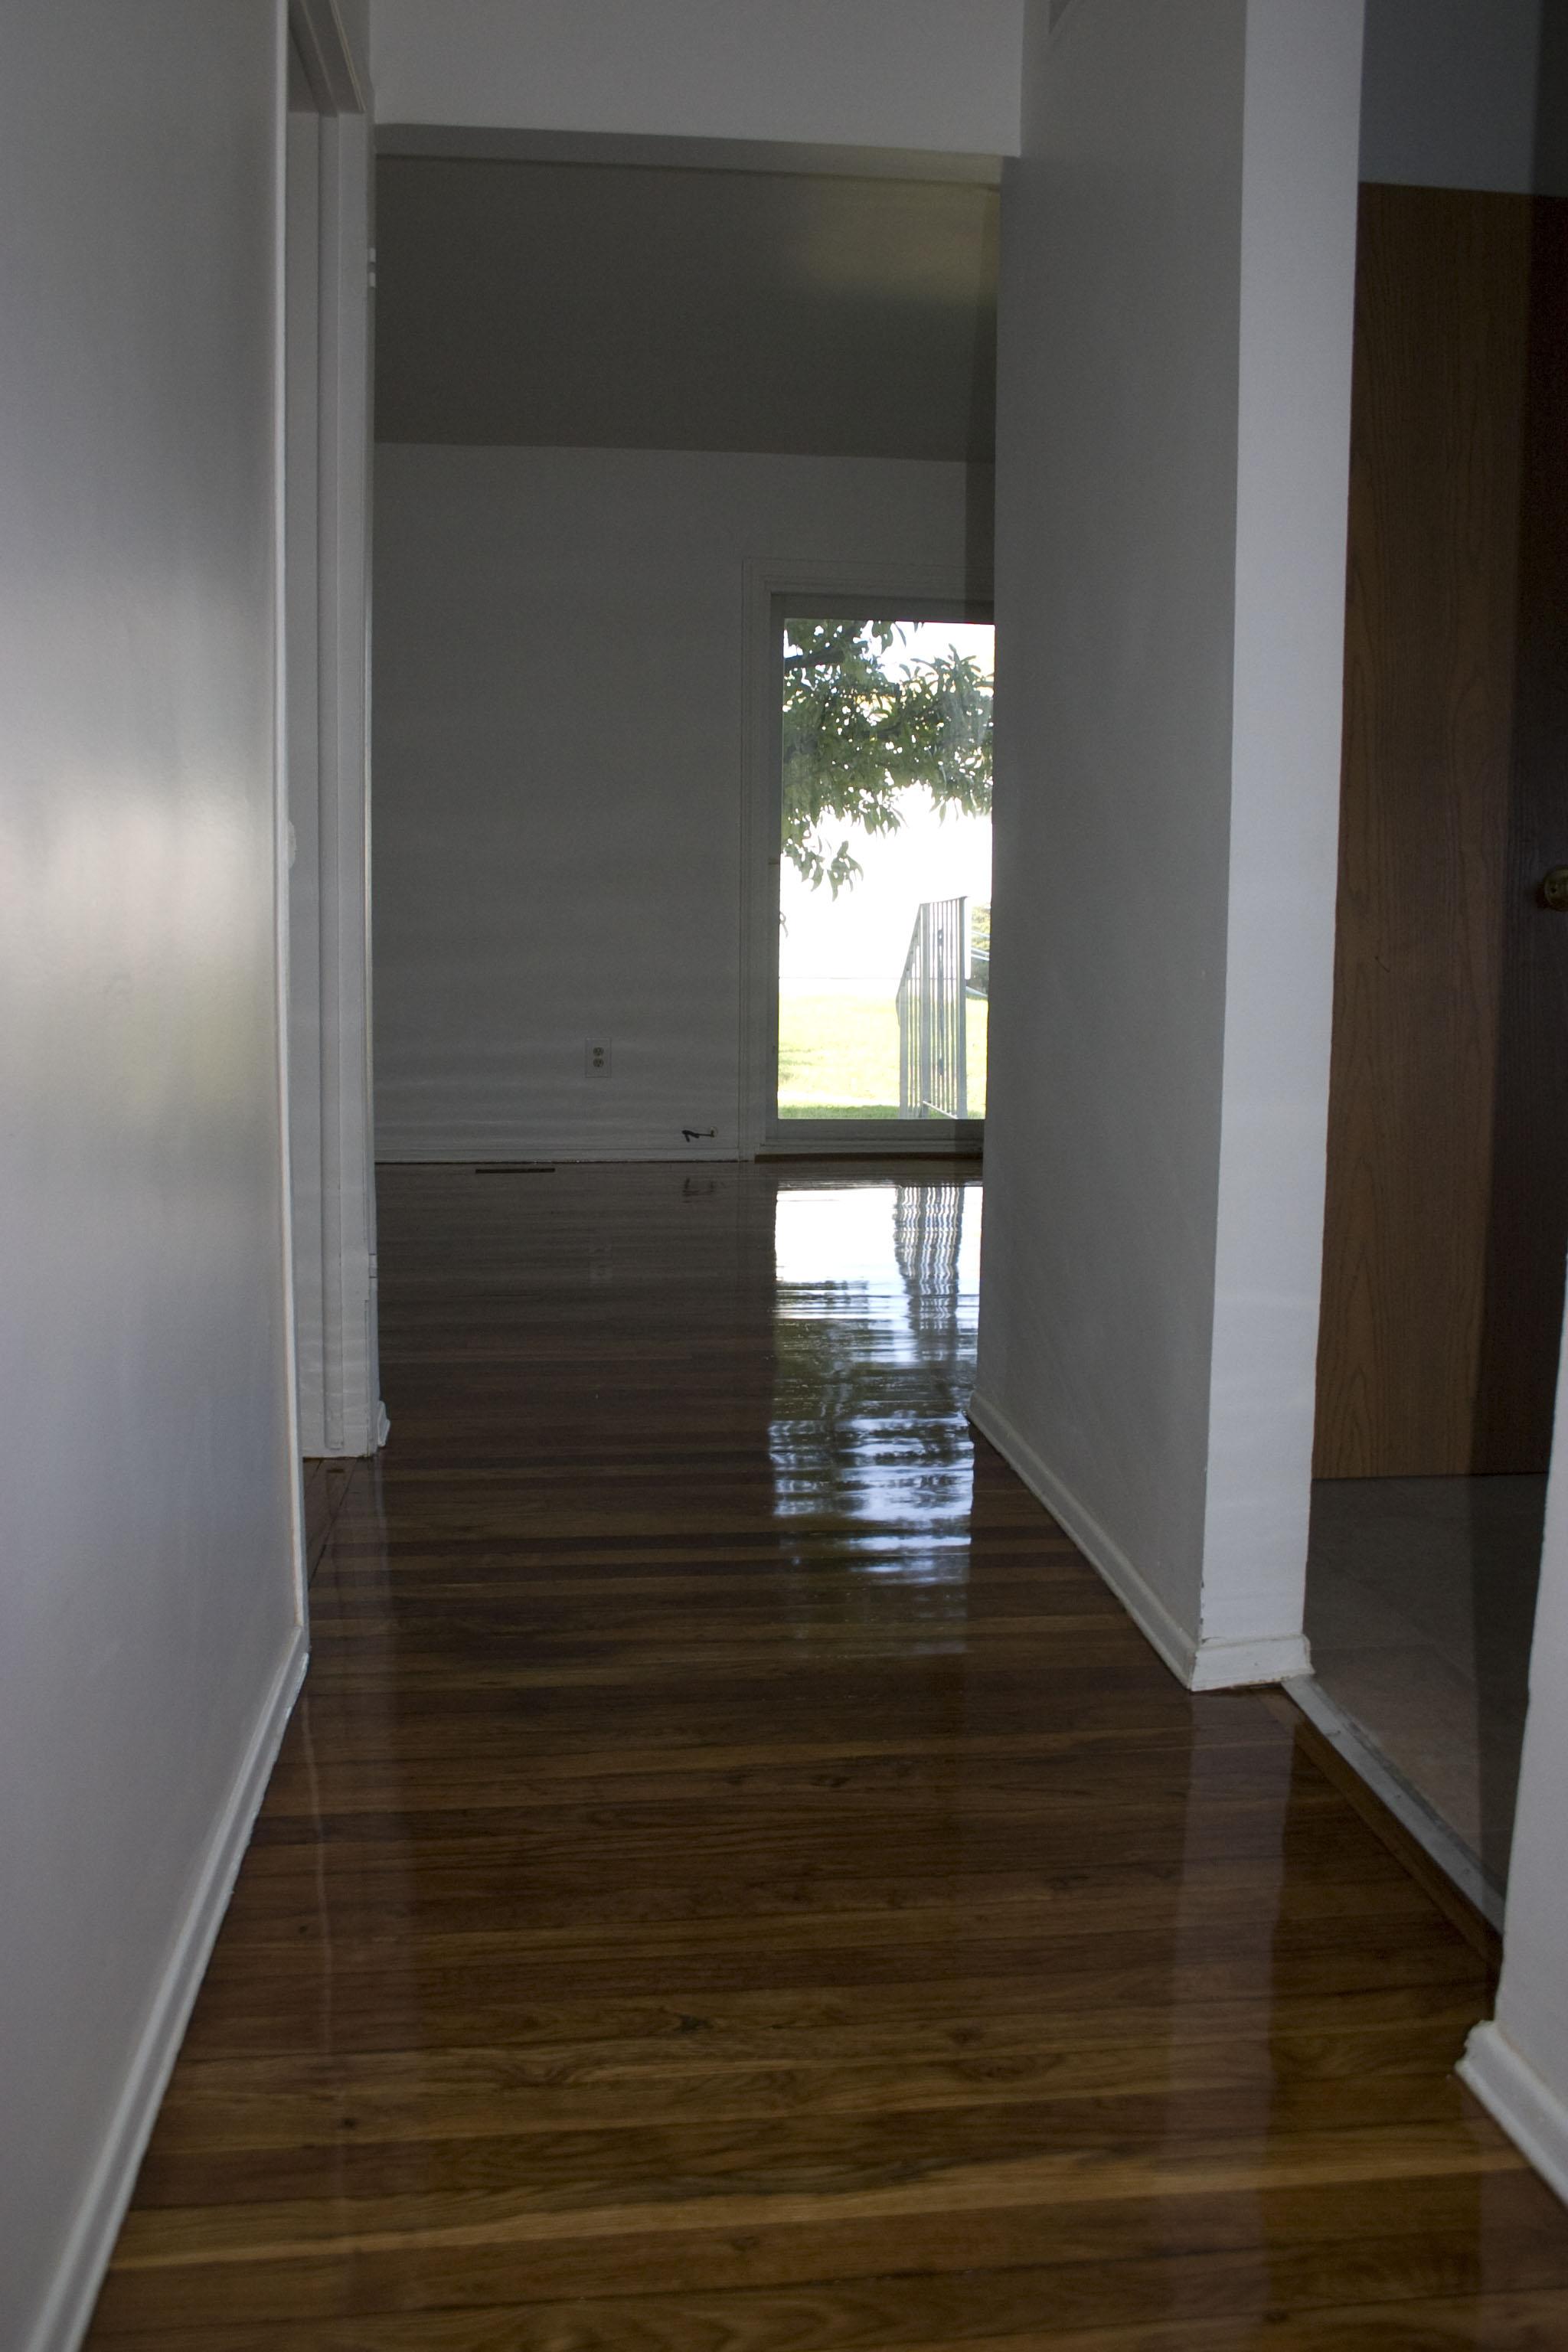 2-bedroom entryway